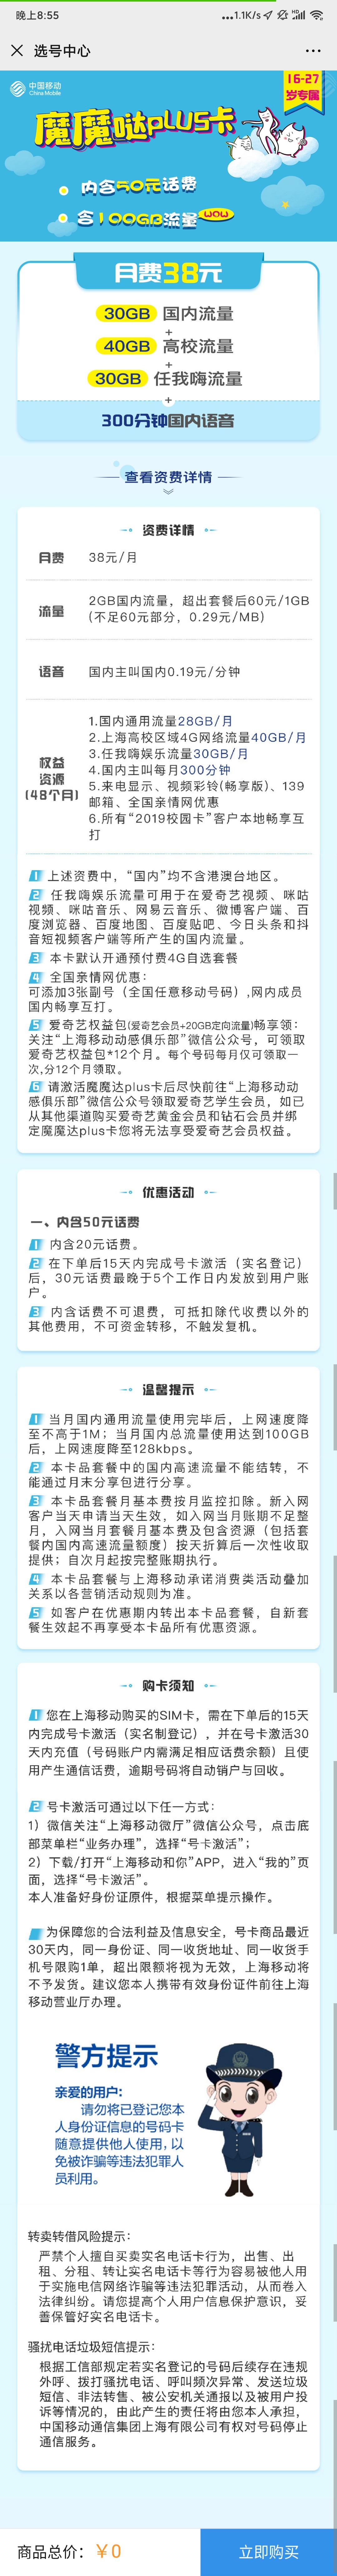 上海移动校园卡!100一年(外省可办理)!赠送一年爱奇艺会员+爱奇艺定向流量!